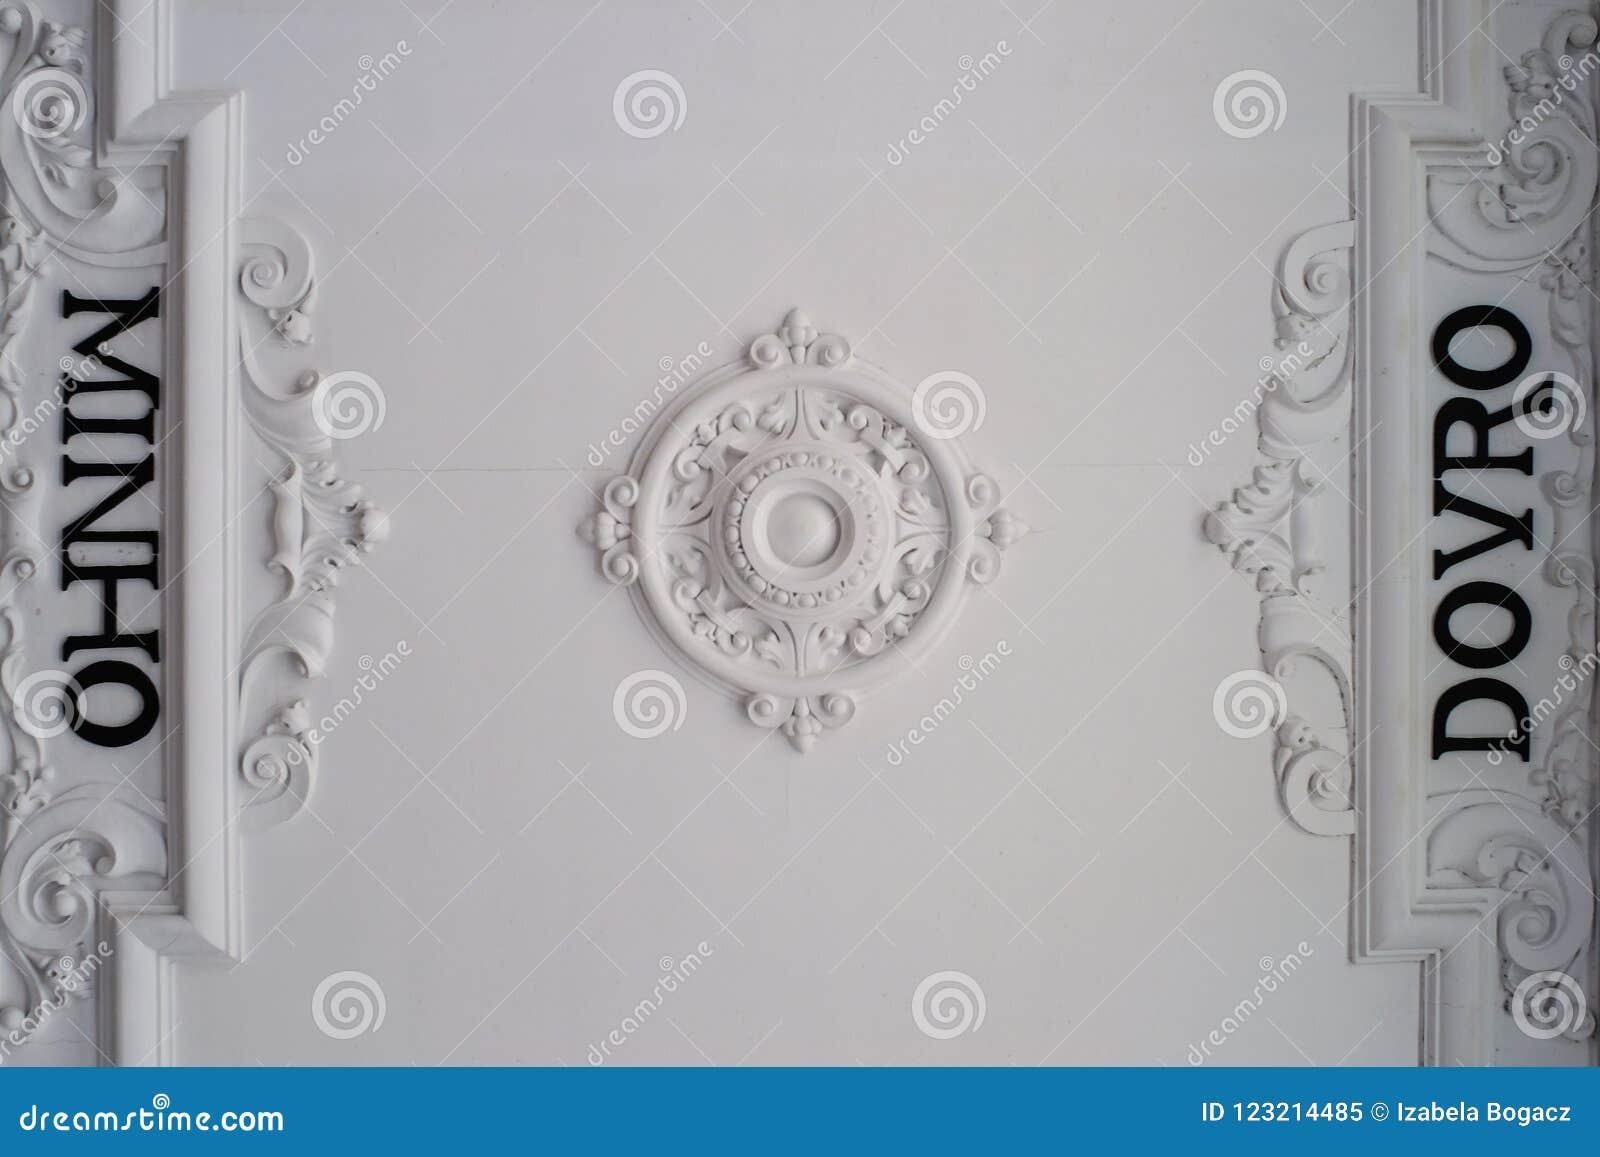 Ornamental Ceiling Of Sao Bento Train Station In Porto, Portugal